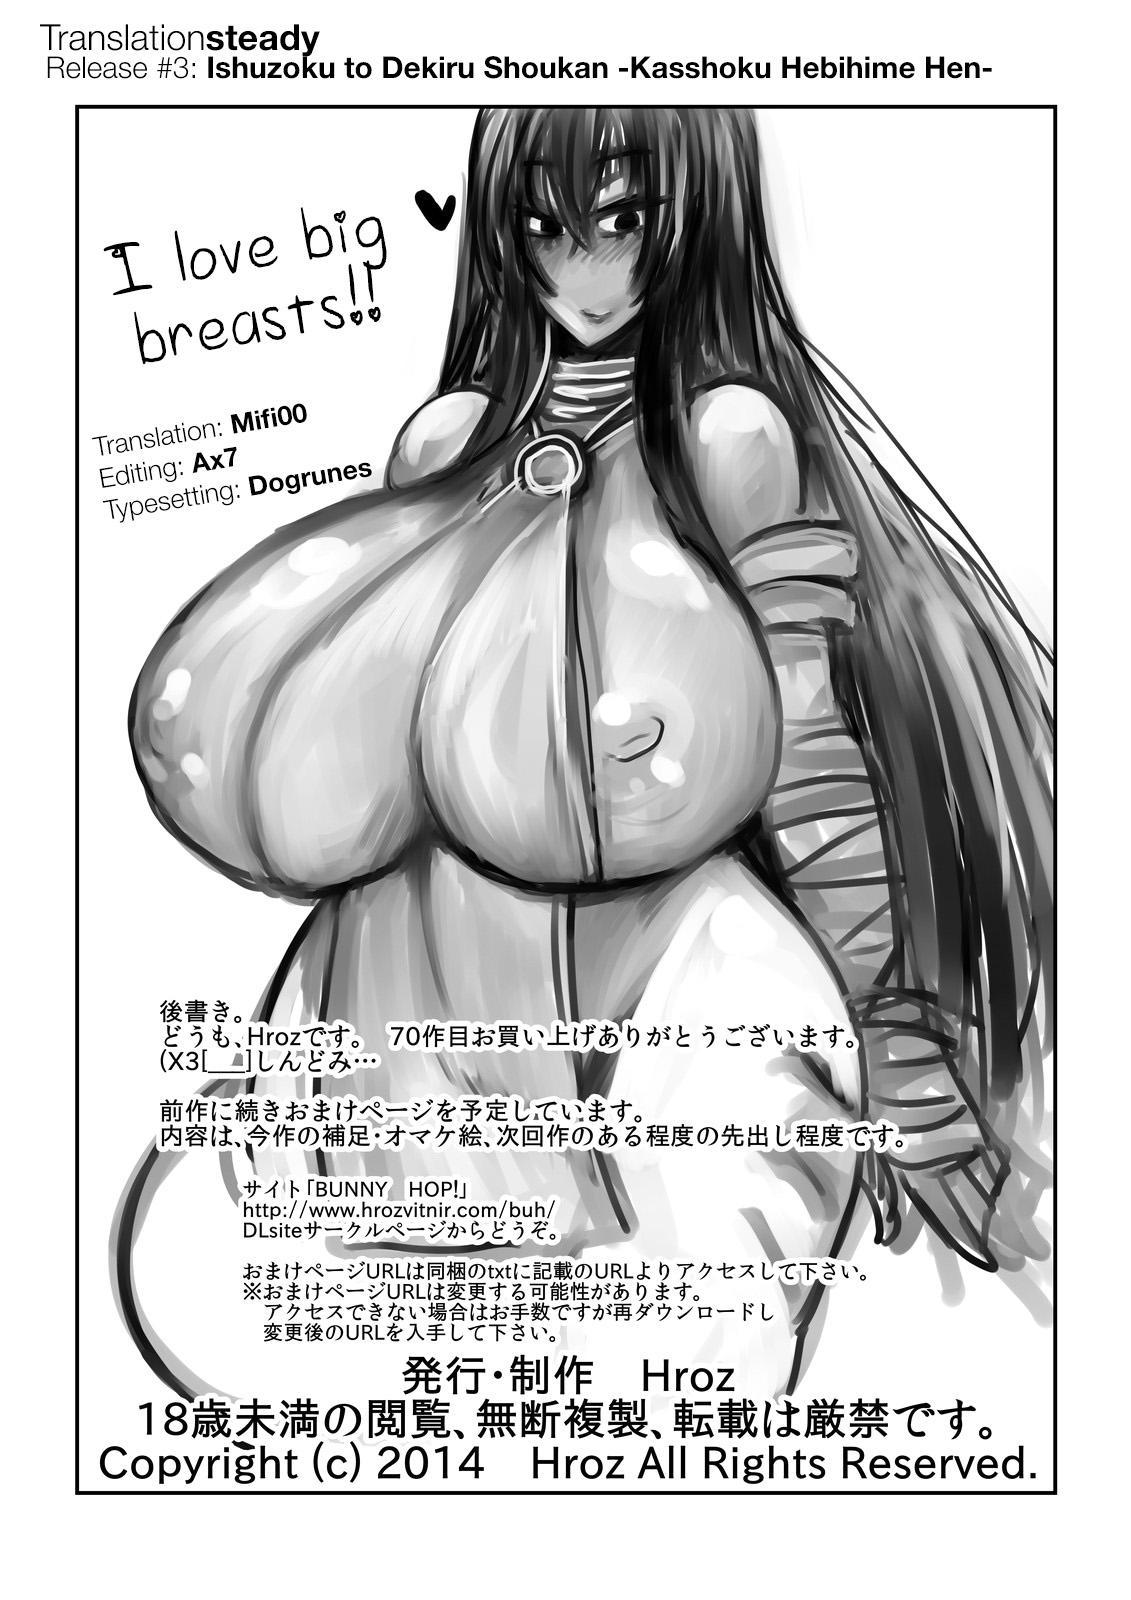 Ishuzoku to Dekiru Shoukan 15